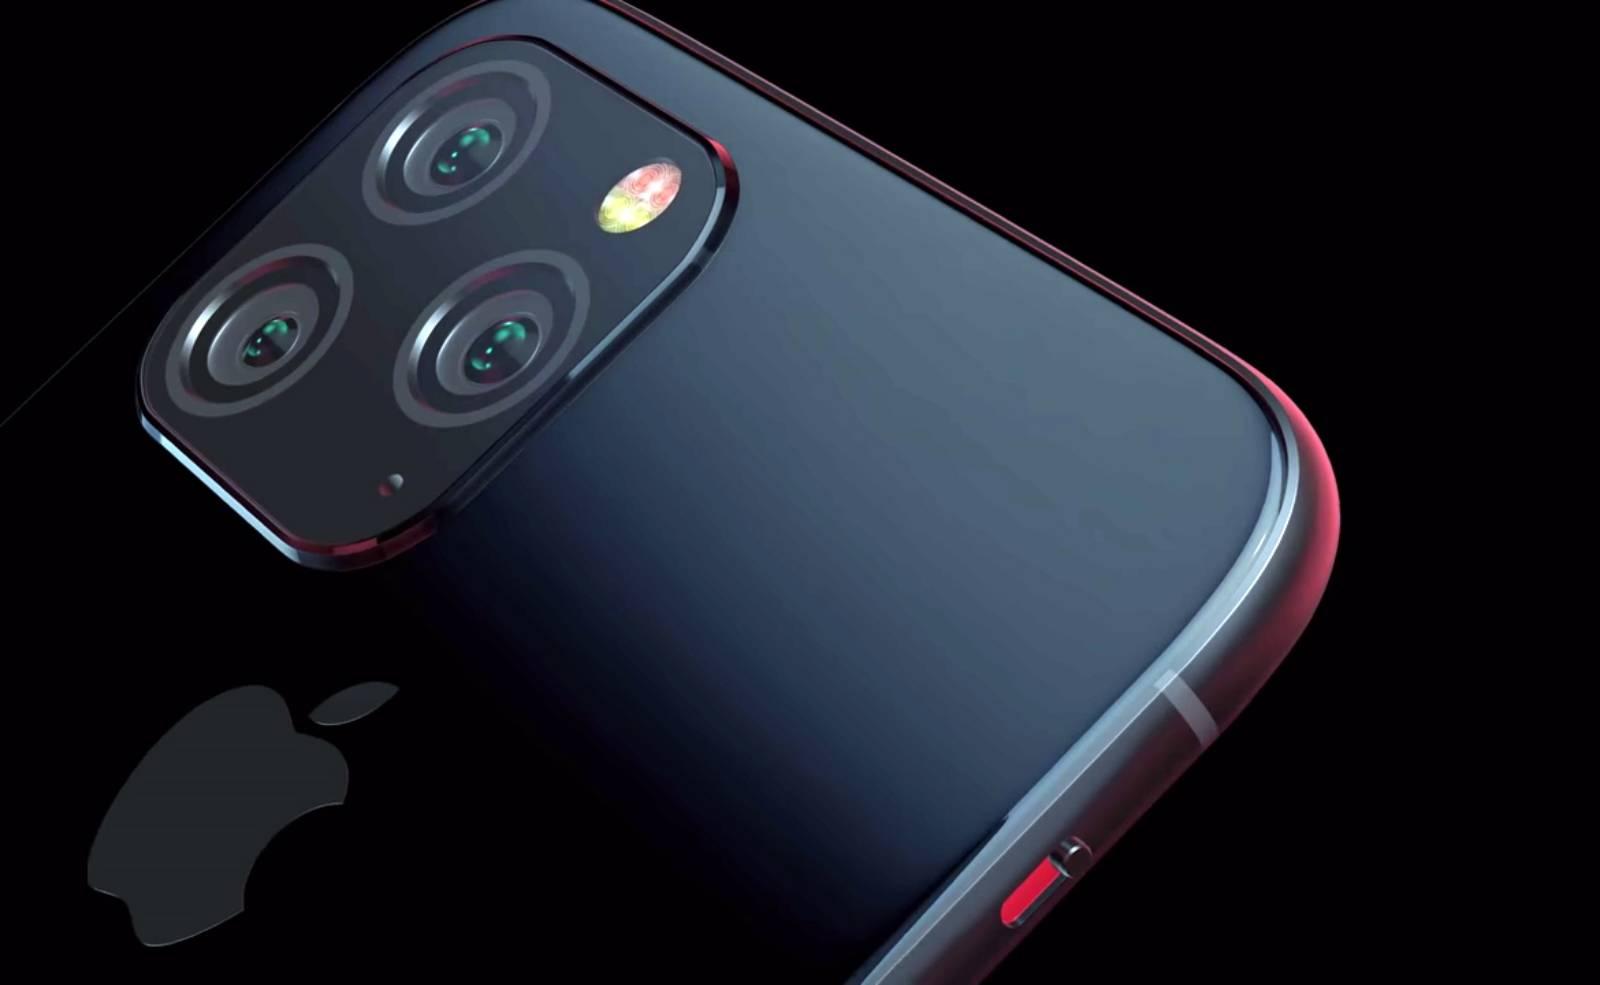 iPhone 11 apple esec 2018